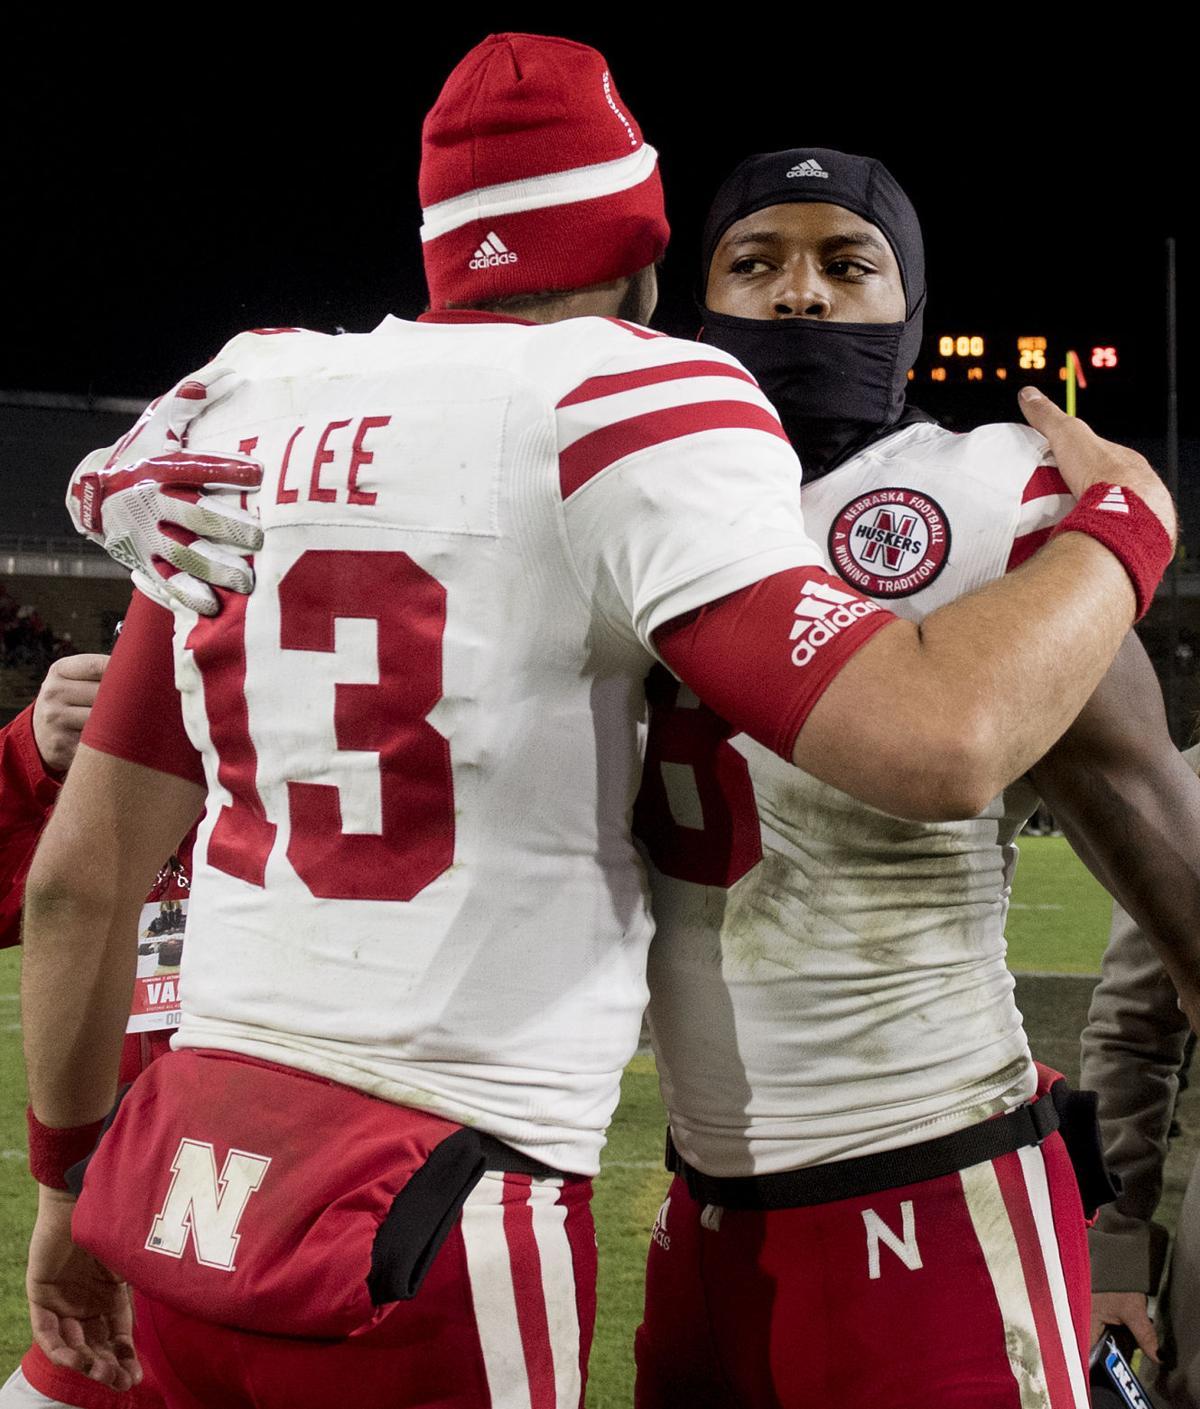 Nebraska vs. Purdue, 10/28/17